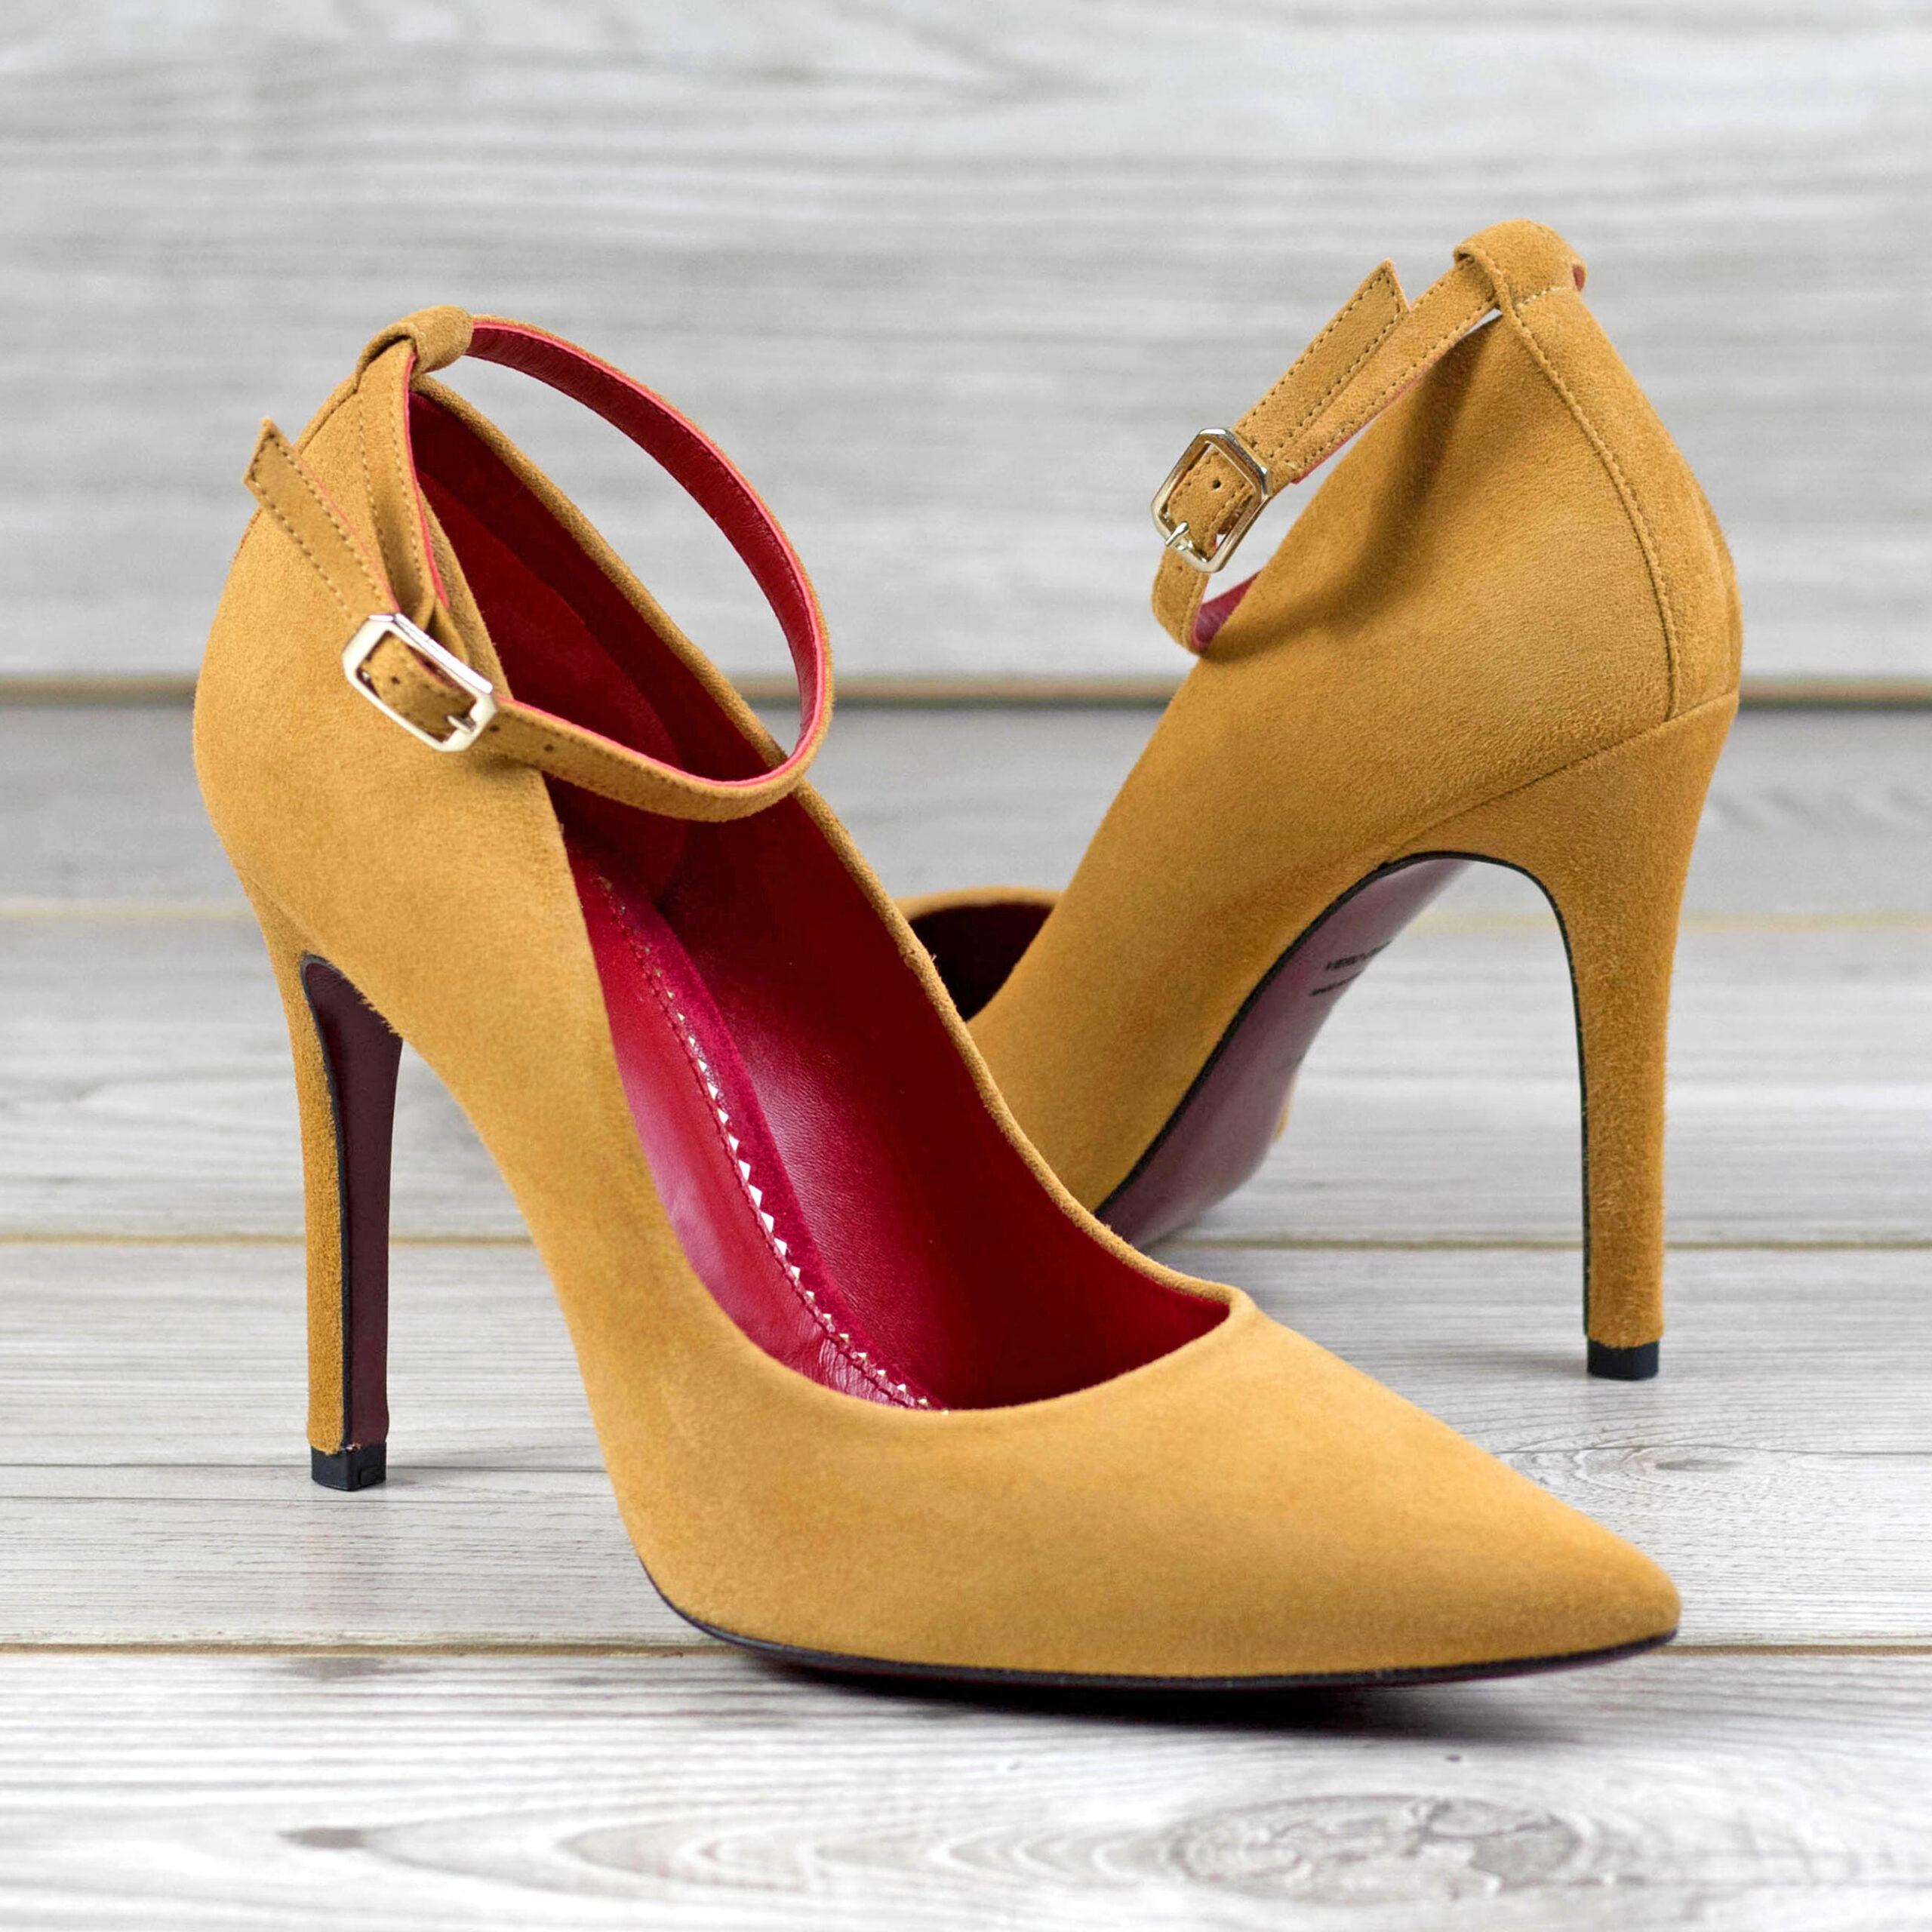 Escarpins de luxe personnalisables sur mesure pour femme maison le duc modèle Florence